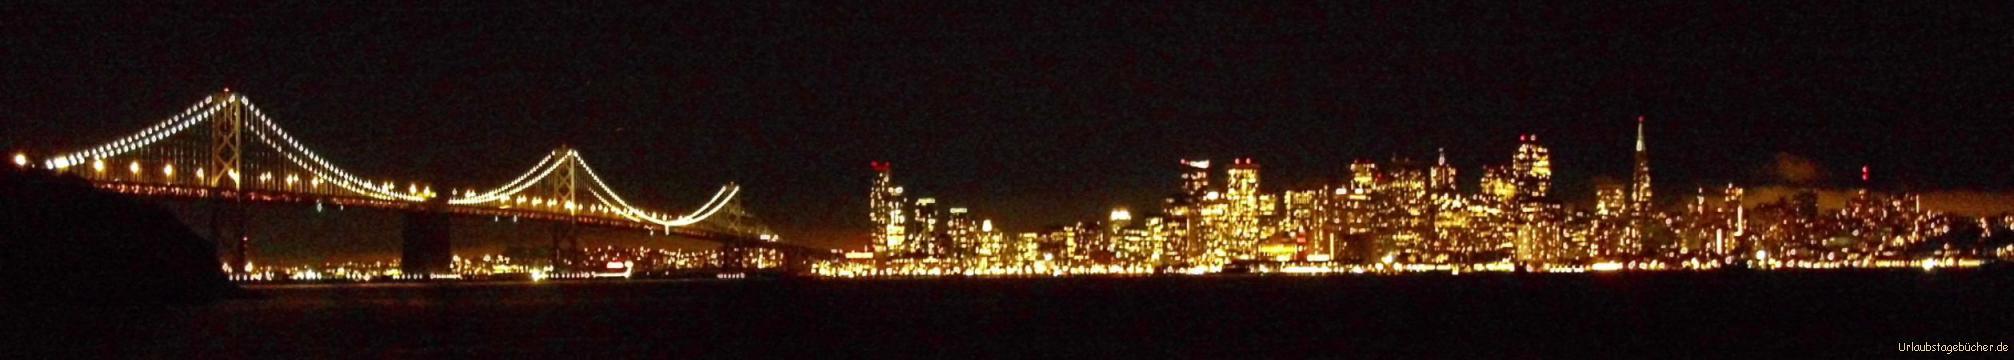 San Francisco bei Nacht: von Treasure Island aus, einer künstlich aufgeschüttete Insel mitten in der Bucht von San Francisco, haben wir einen traumhaften Blick auf die Lichter San Franciscos und den westliche Abschnitt der Bay Bridge